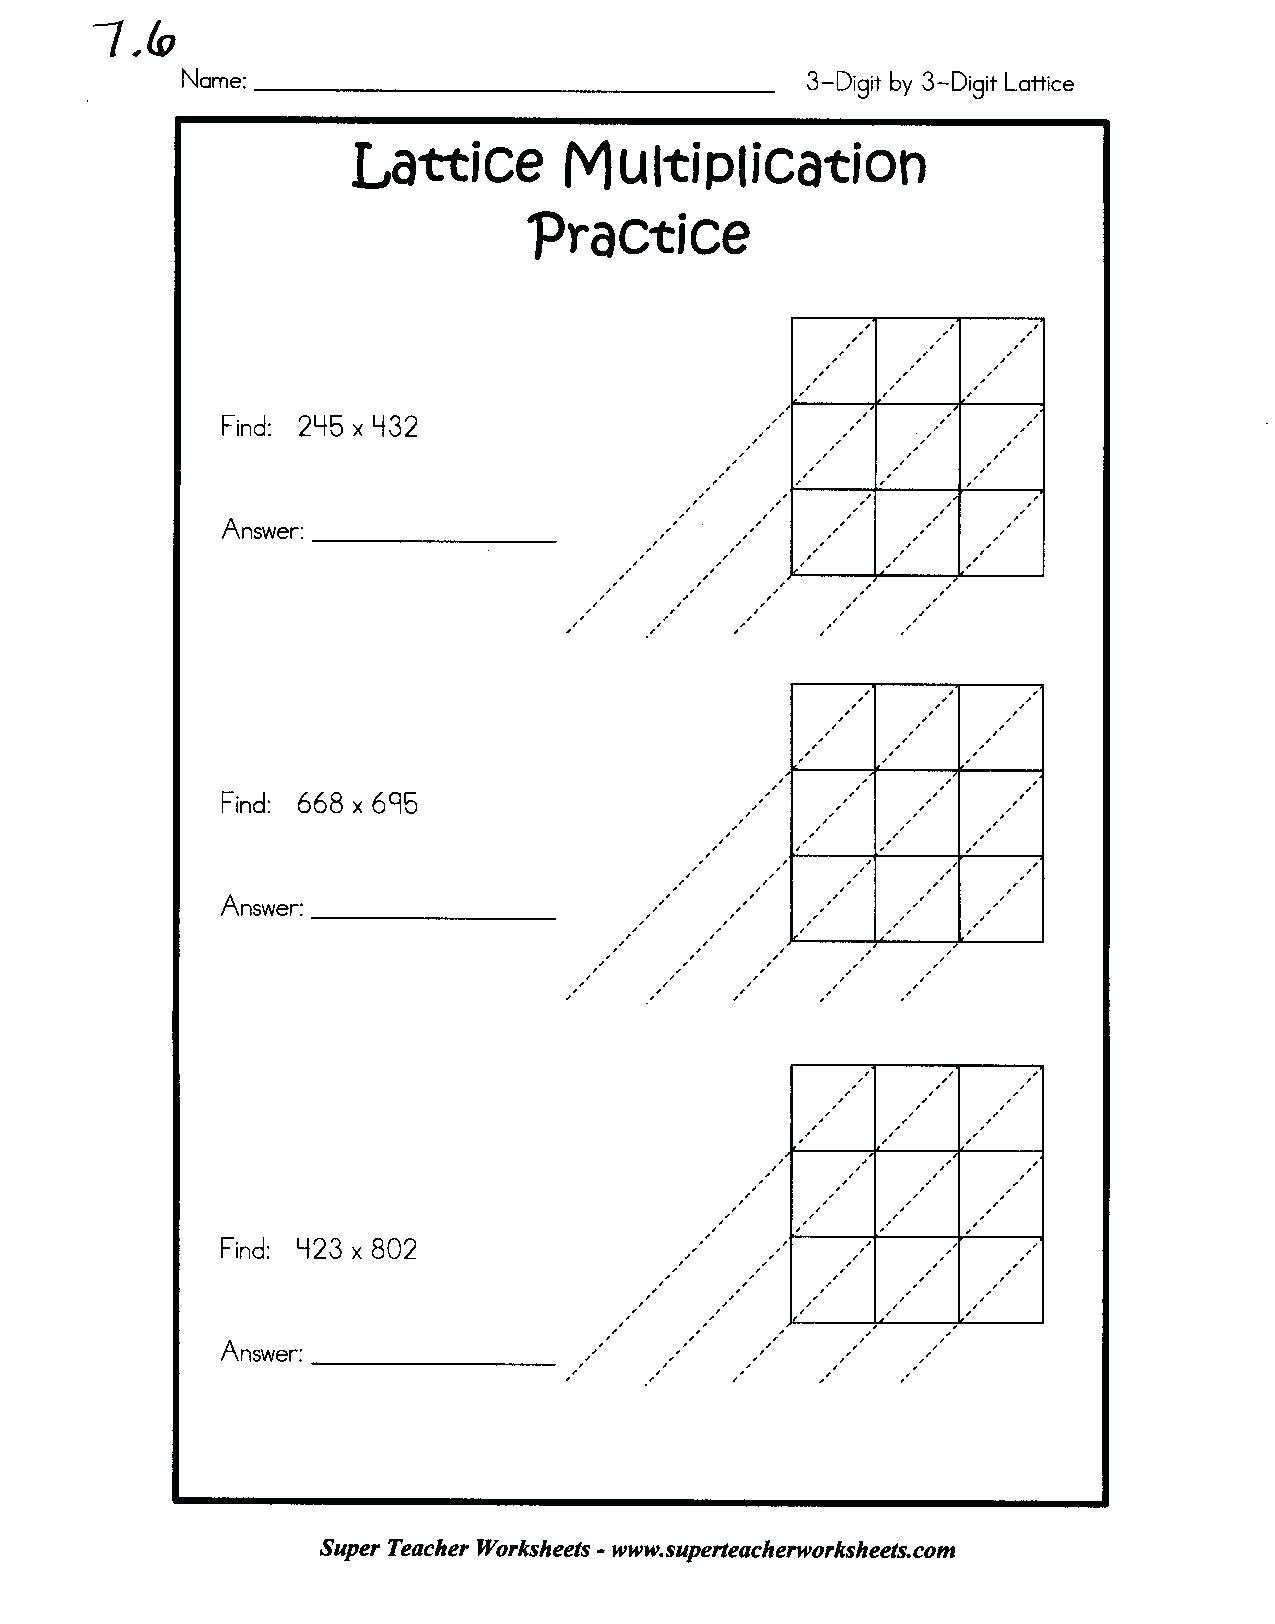 Printable Lattice Multiplication Worksheet 4Th Grade in Printable Lattice Multiplication Grids